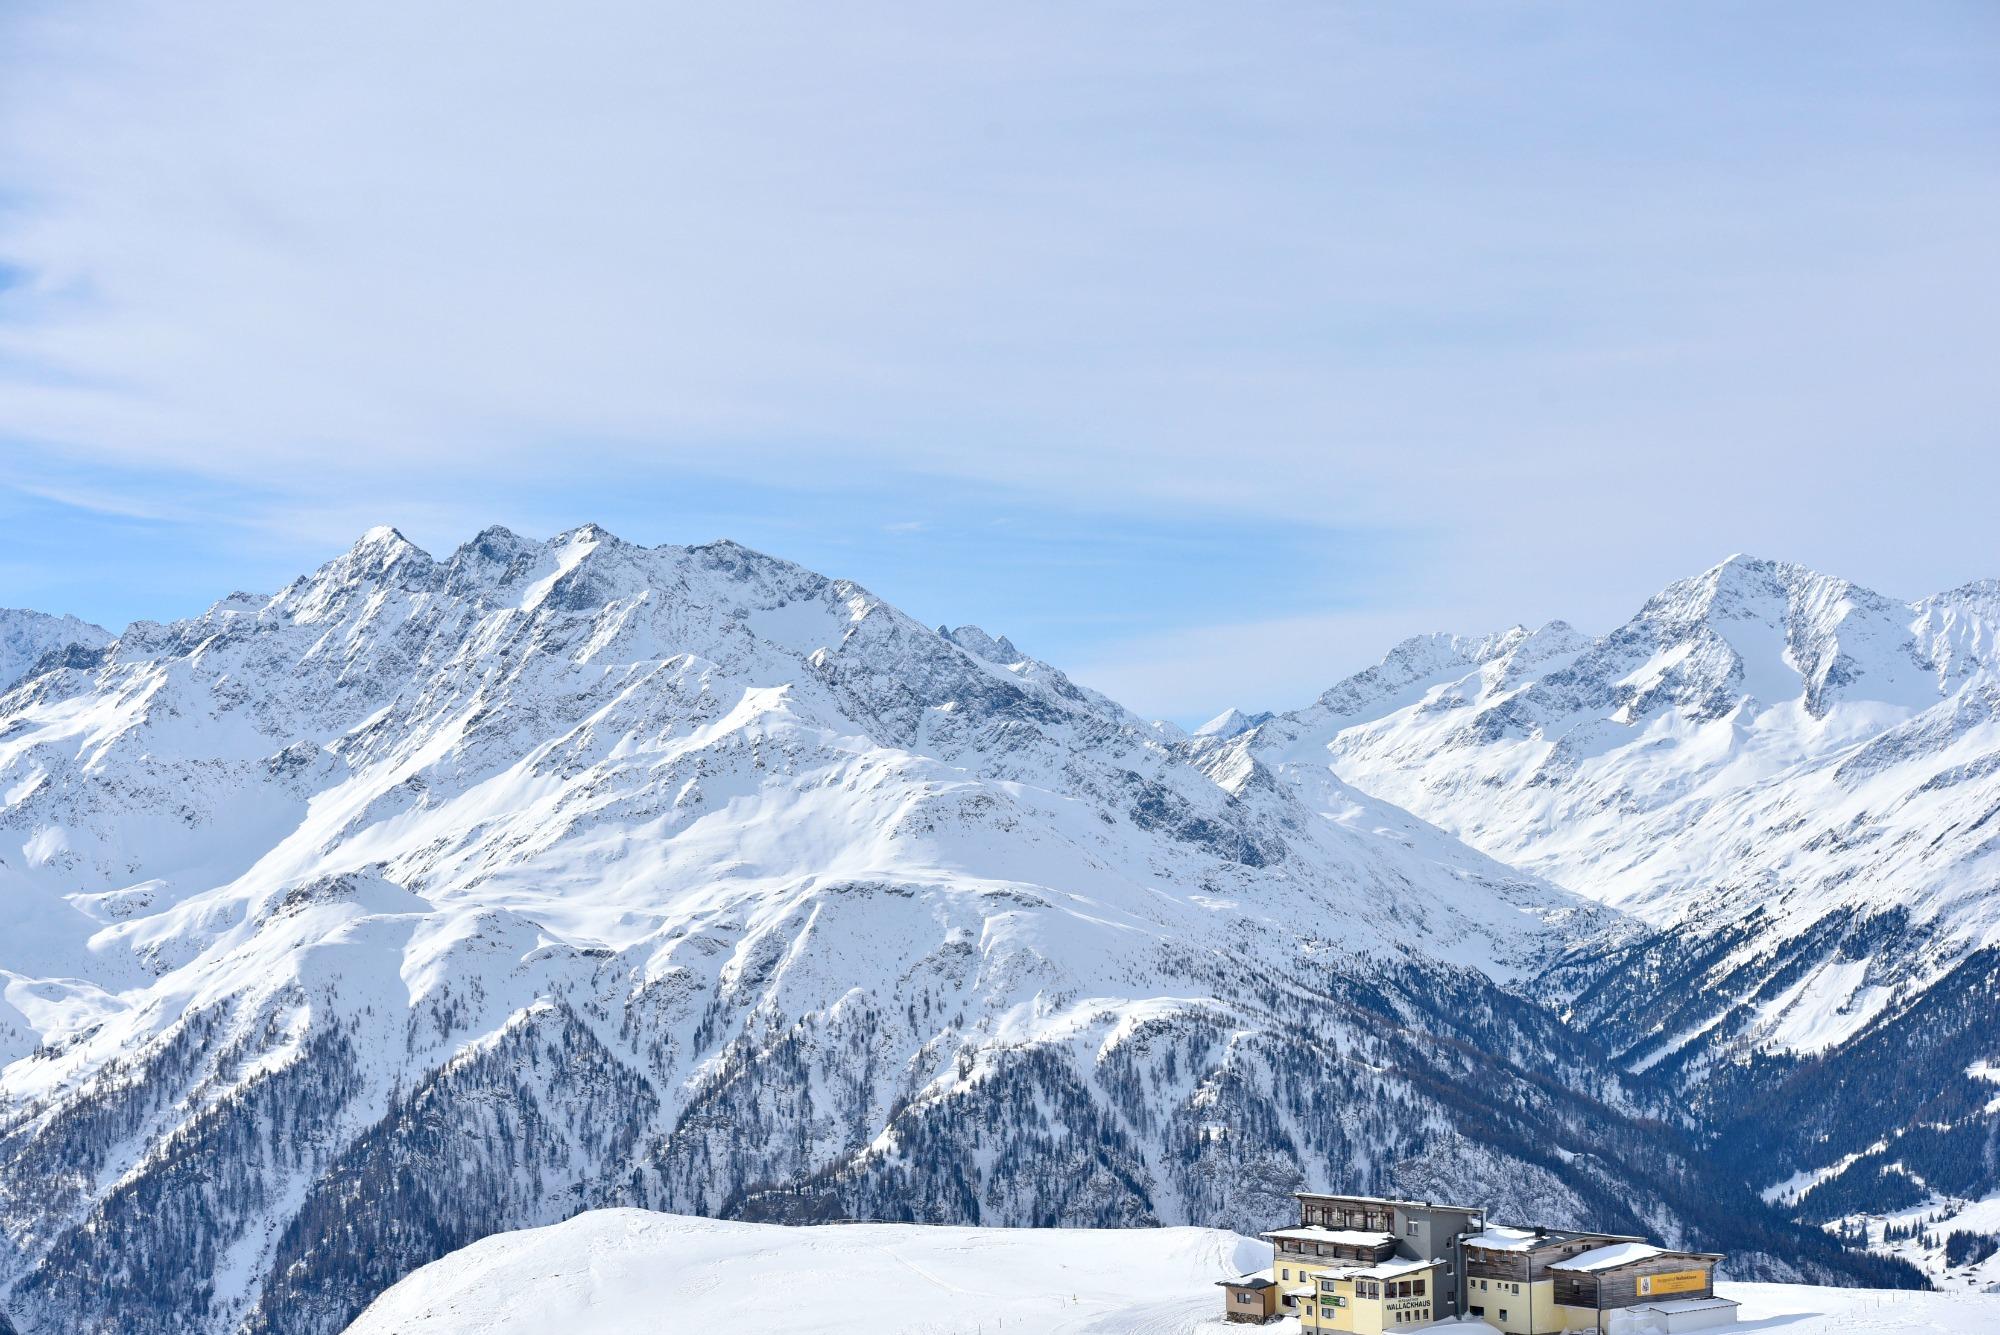 Fitnessblog-kästle-ski-klara-fuchs-österreich-blogger-sport-winter29